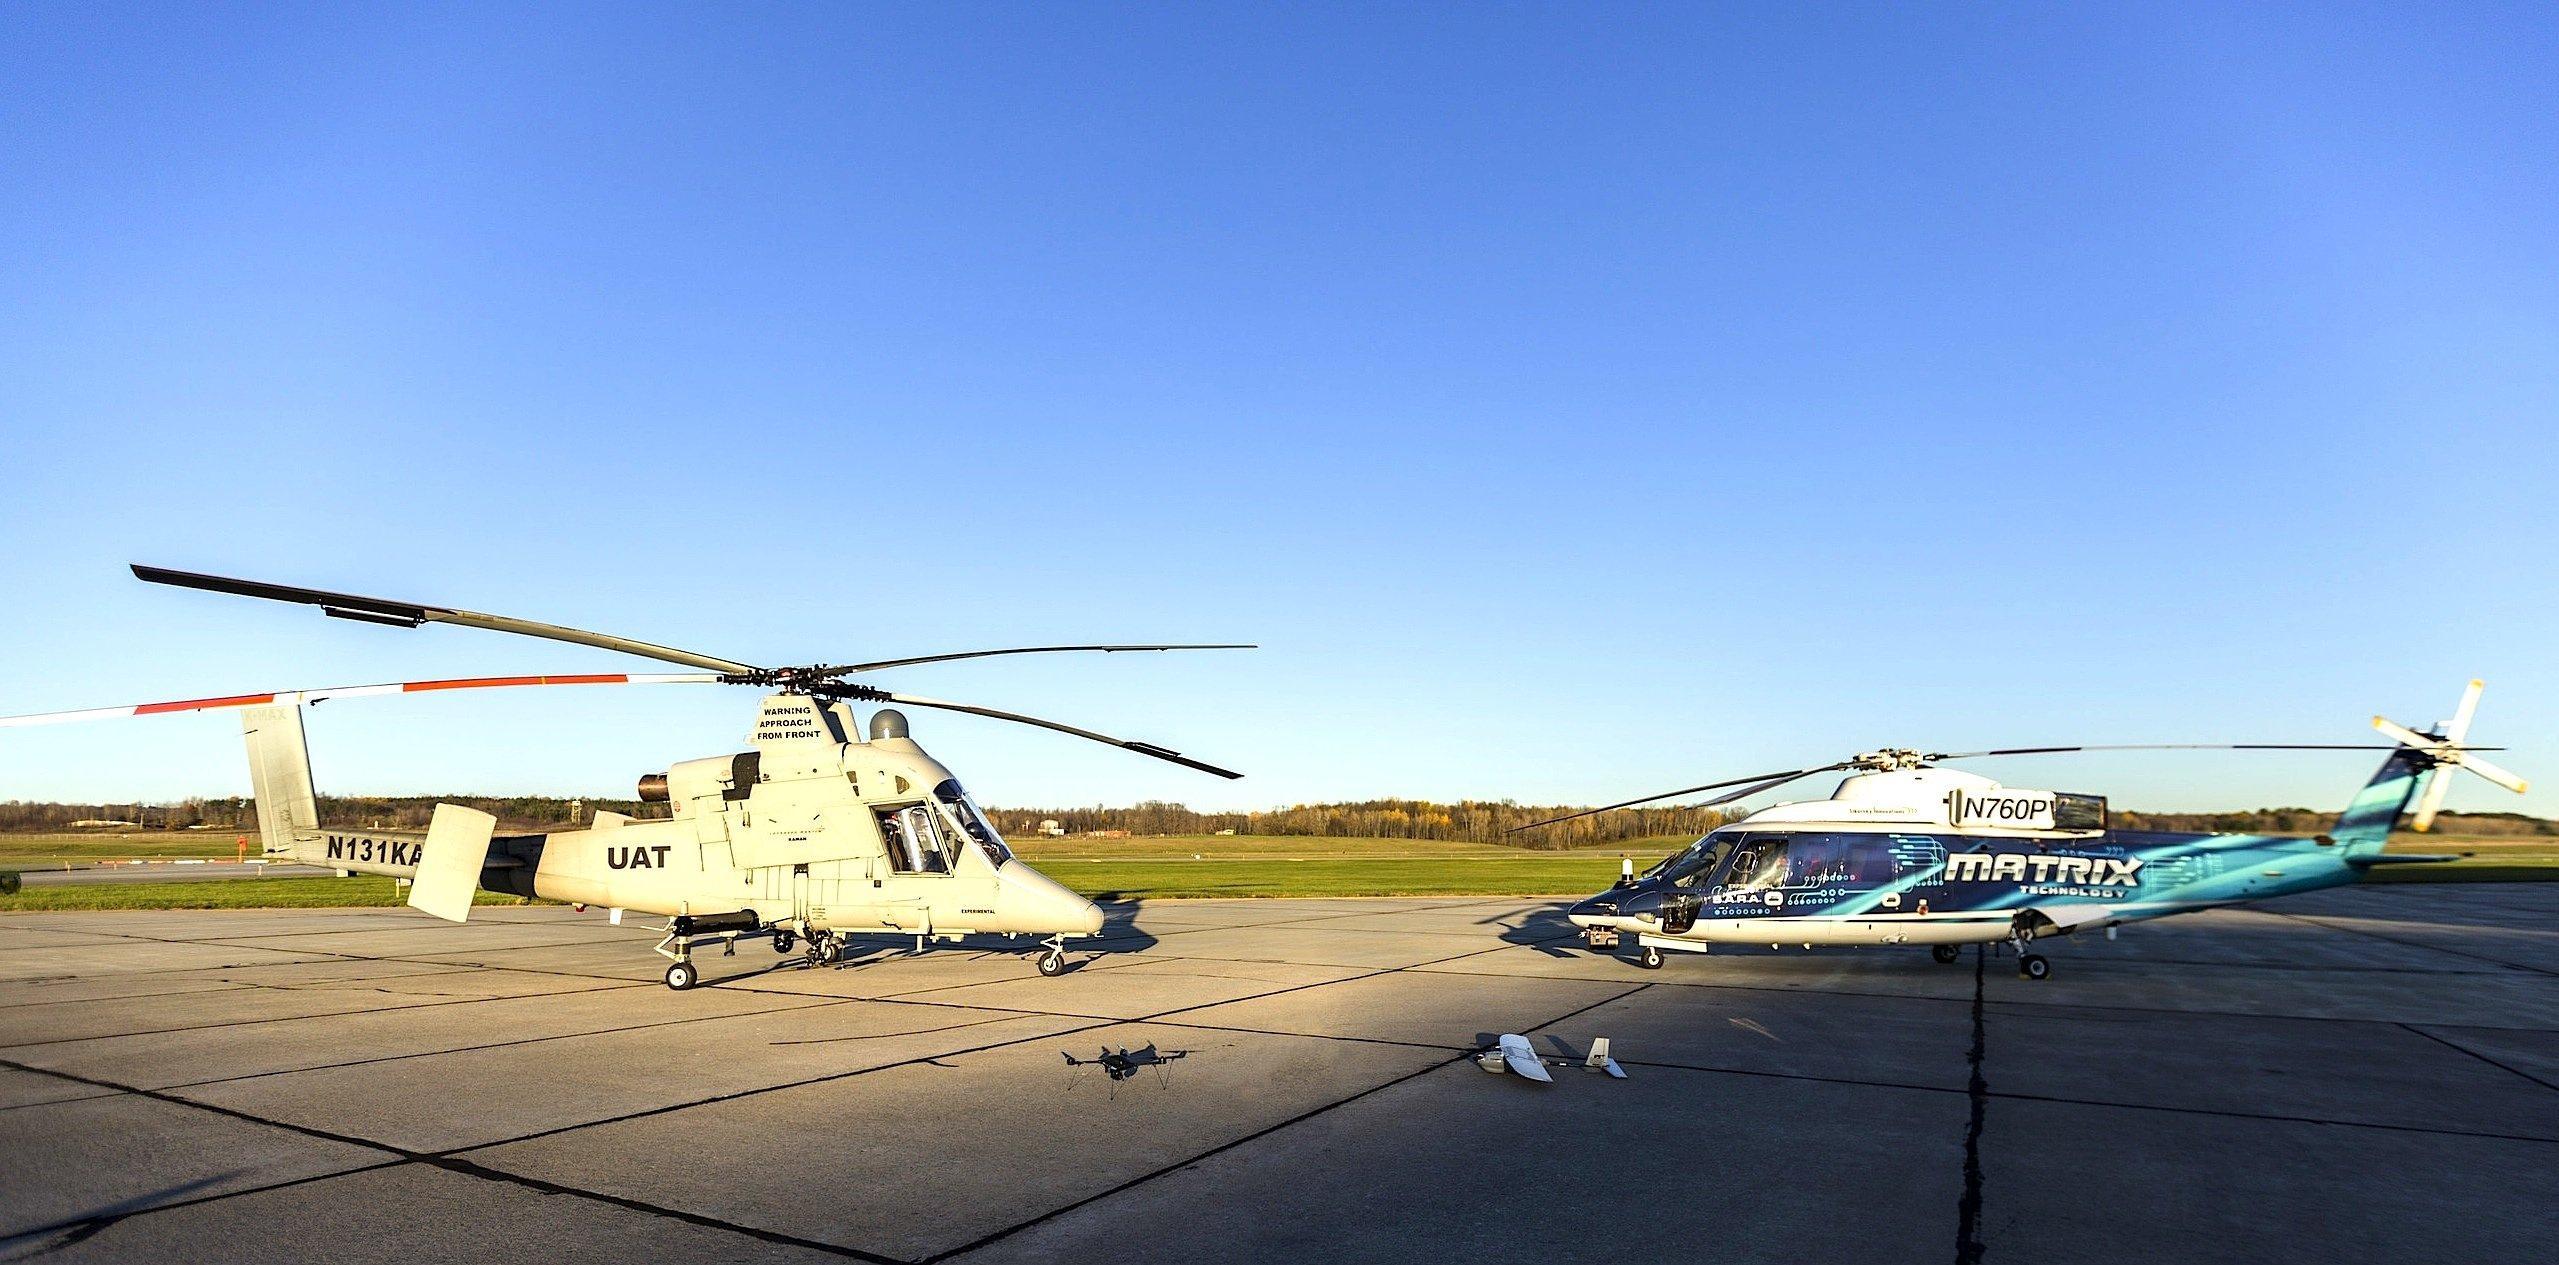 Die vier Drohnen des Hubschrauber-Herstellers Sikorsky können sich im Flug koordinieren. Während die kleinen Drohnen zum Beispiel Glutnester und Verletzte orten können, kommen die großen Drohnen Personen bergen und Wasser herbei schaffen.